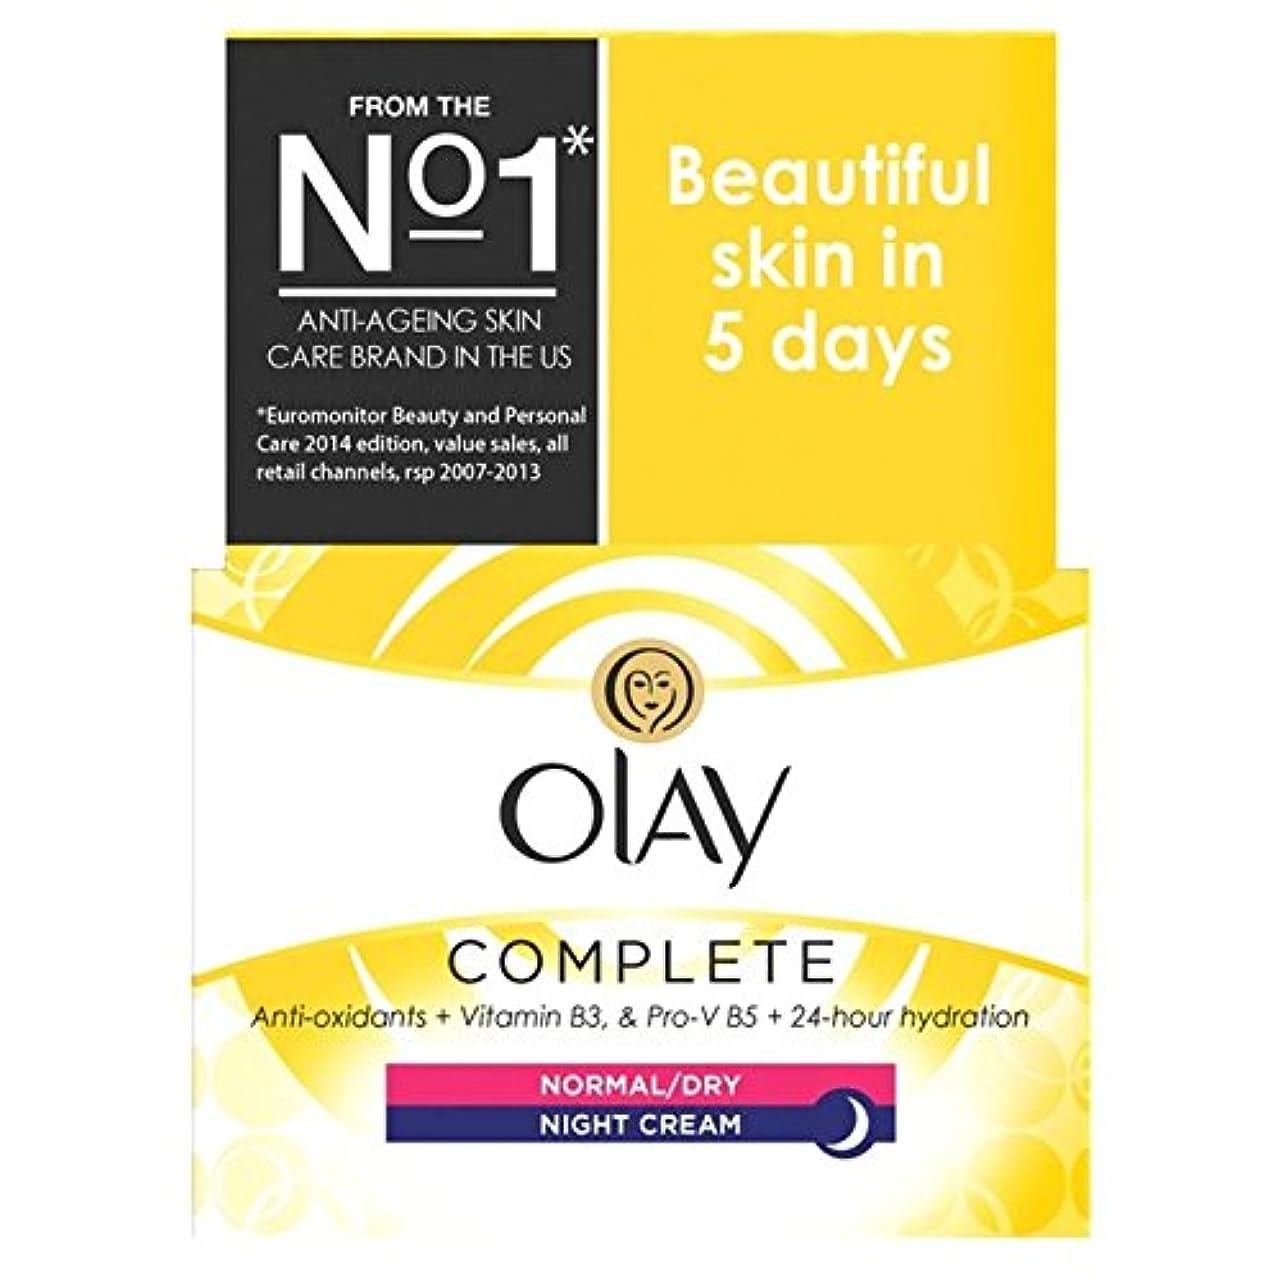 パウダークック不名誉なオーレイ必需品の完全なケア保湿ナイトクリーム50ミリリットル x4 - Olay Essentials Complete Care Moisturiser Night Cream 50ml (Pack of 4) [並行輸入品]